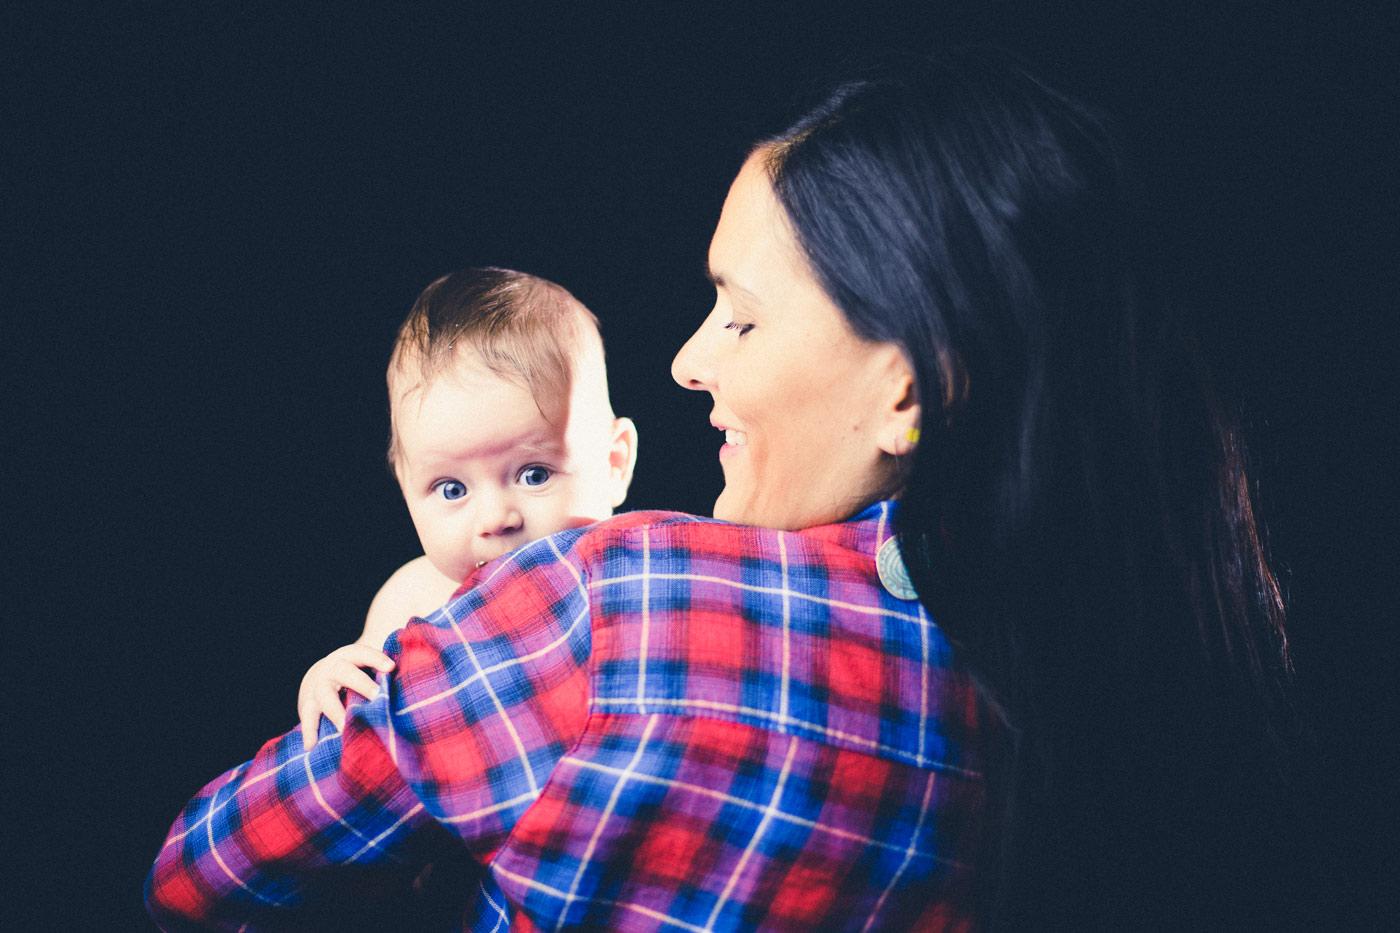 bebe en brazos de su madre con una camisa de cuadros rojos y en un fondo negro